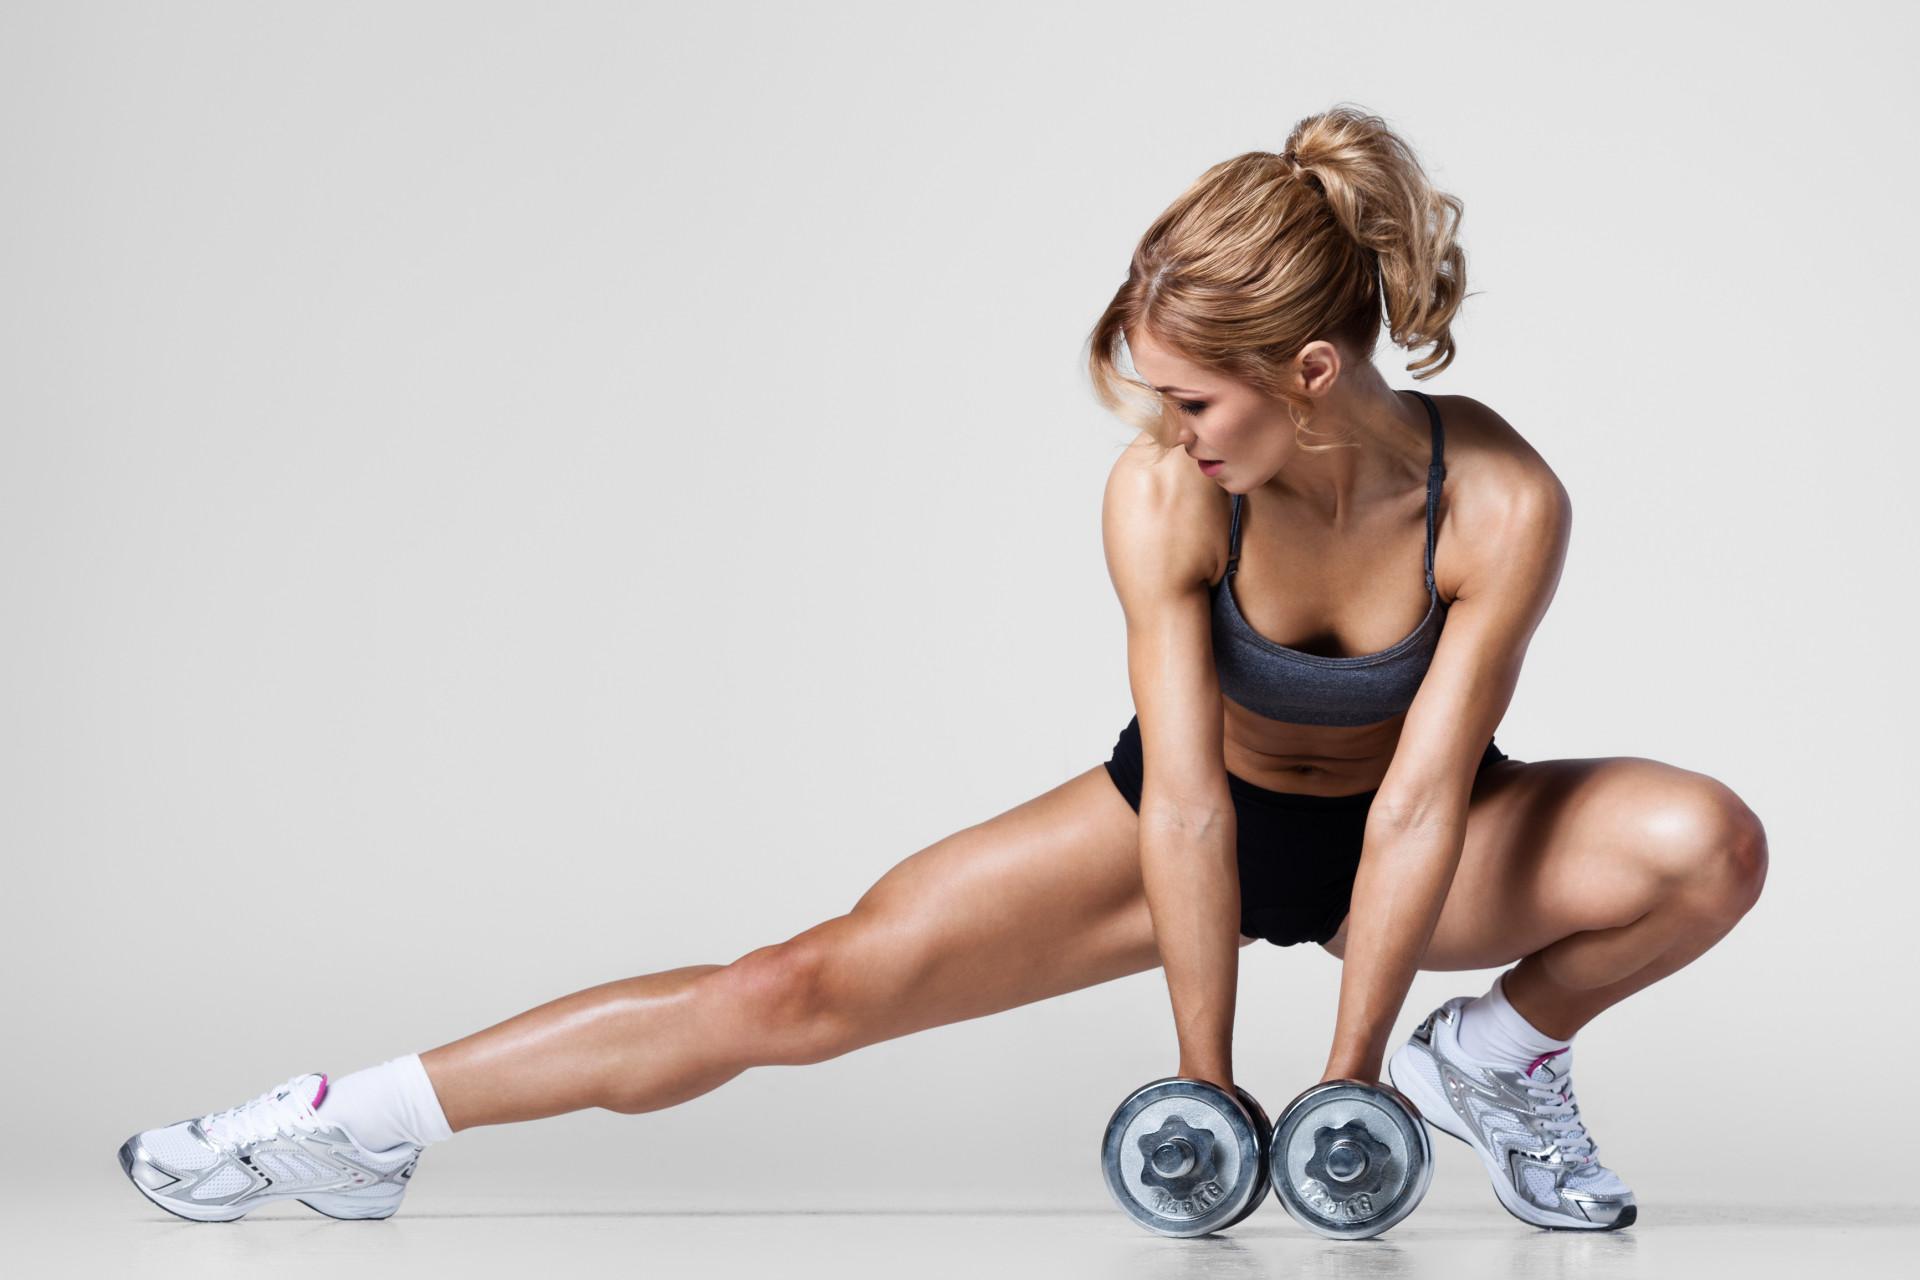 Mitos sobre a vida fitness que muita gente ainda acredita